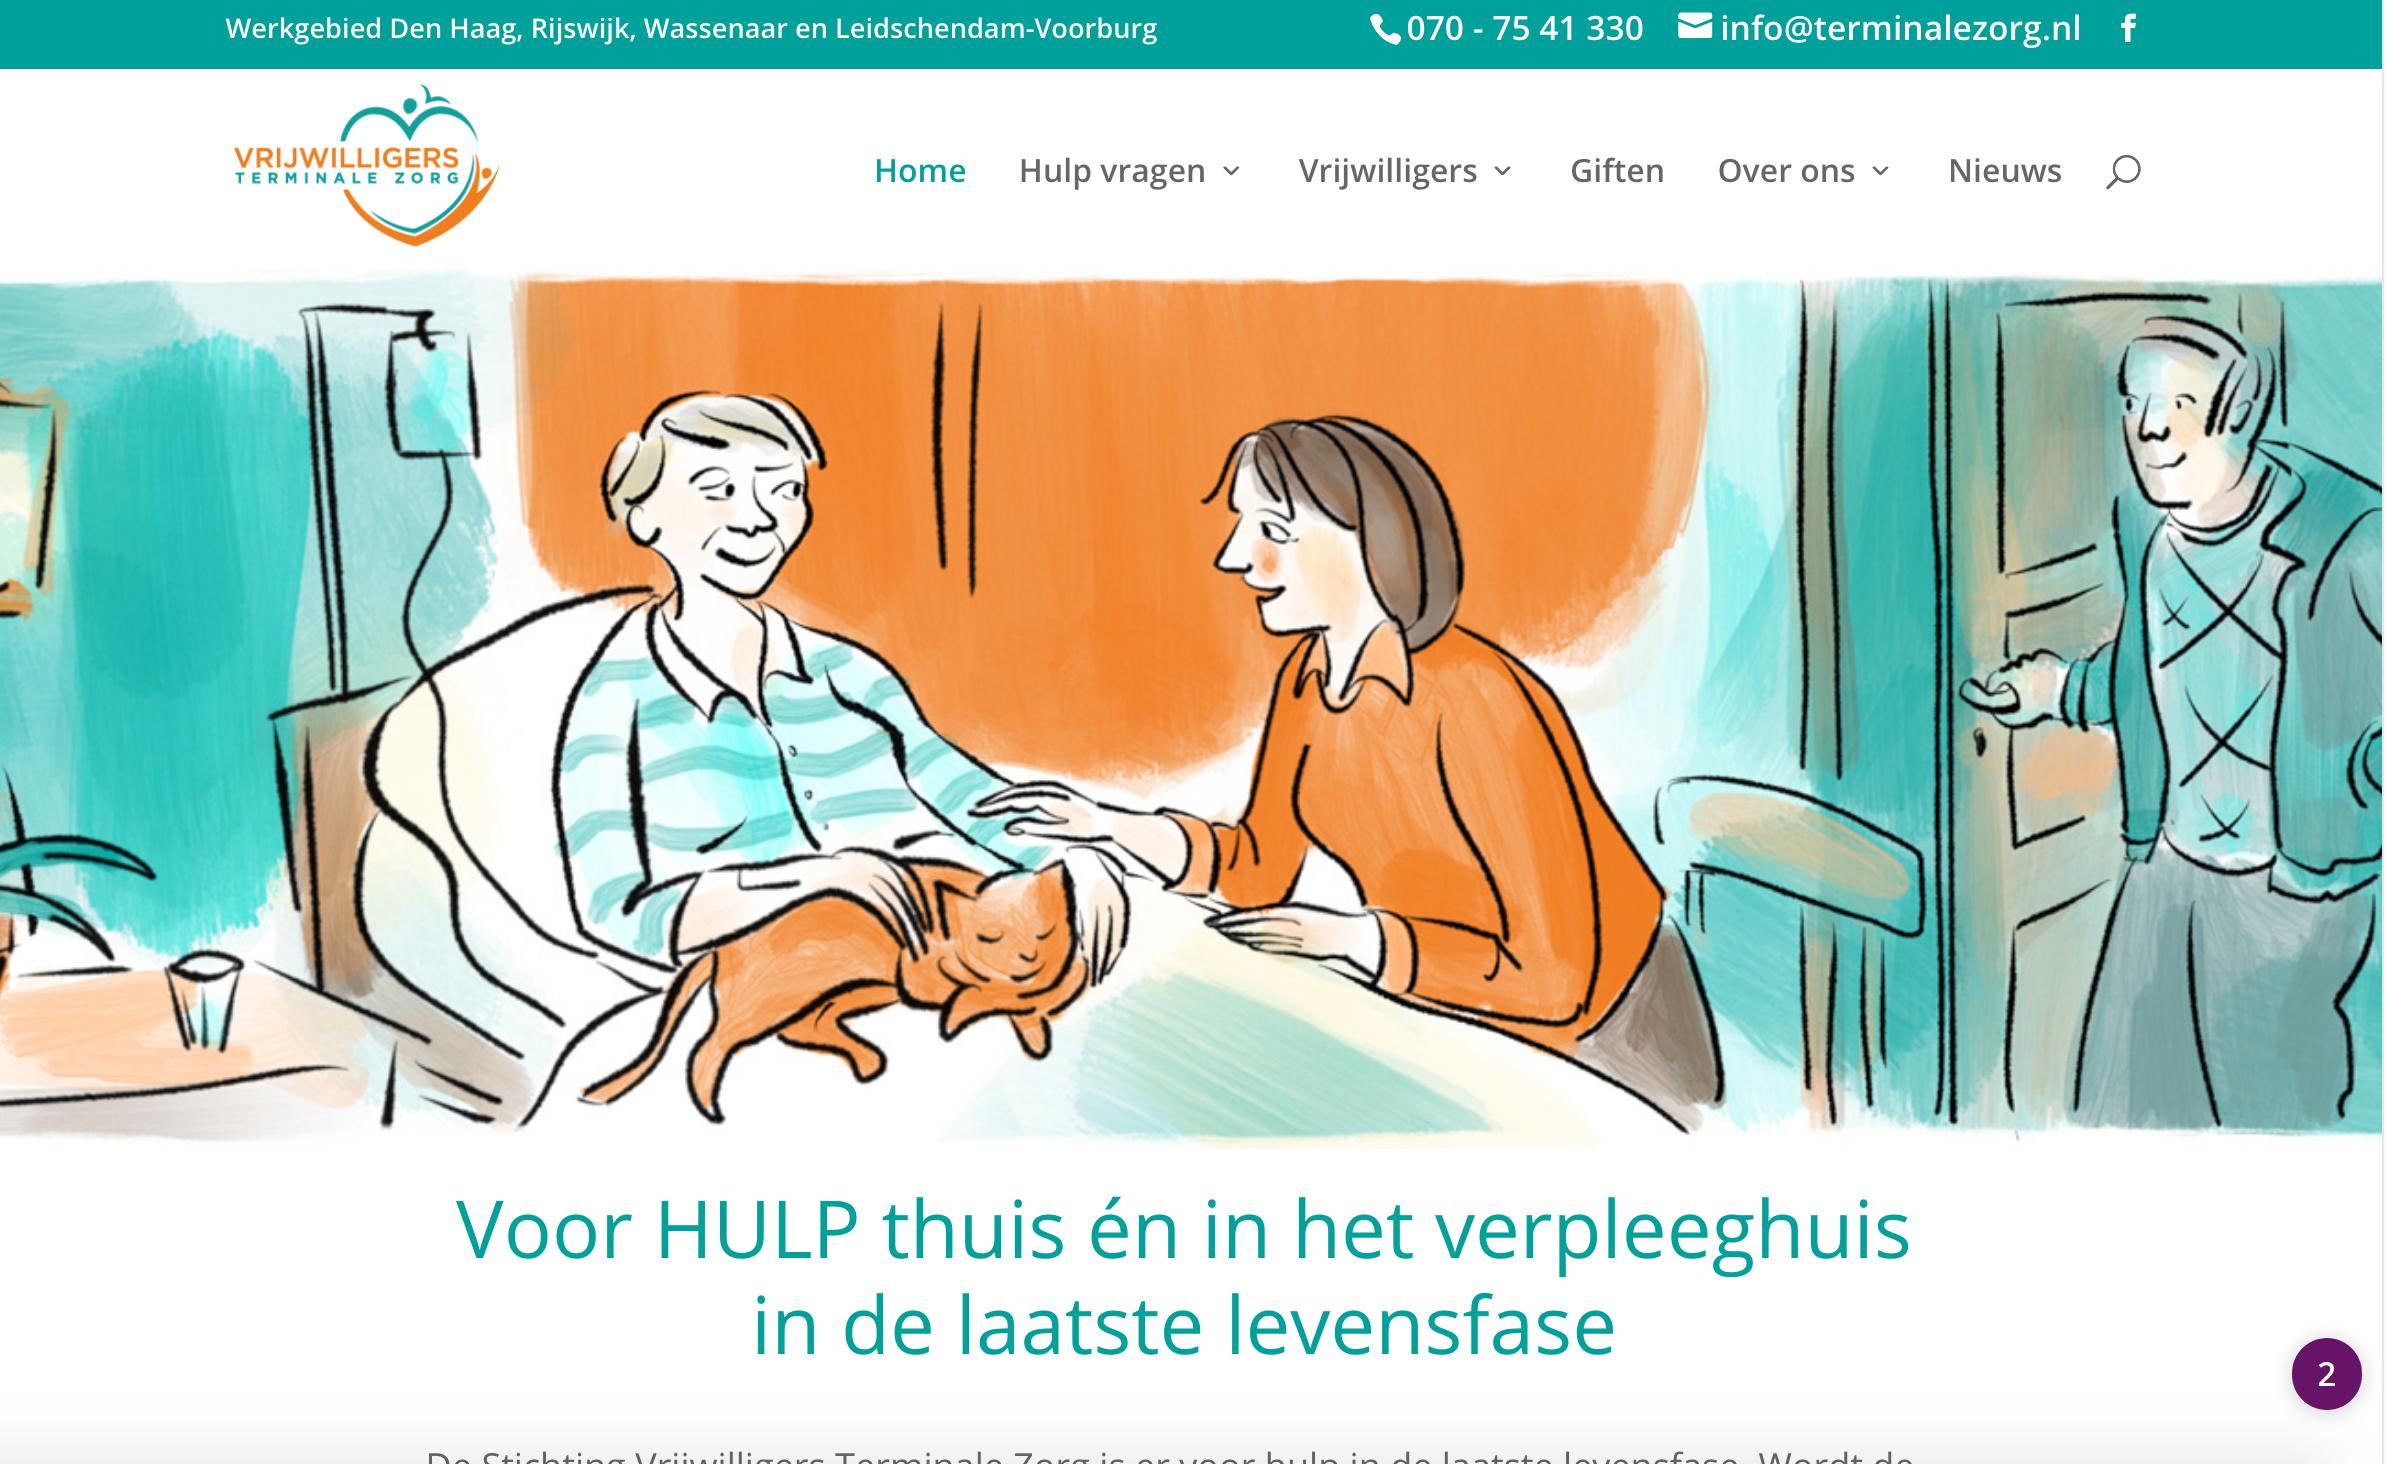 Illustratie website van vrijwilligers terminale zorg